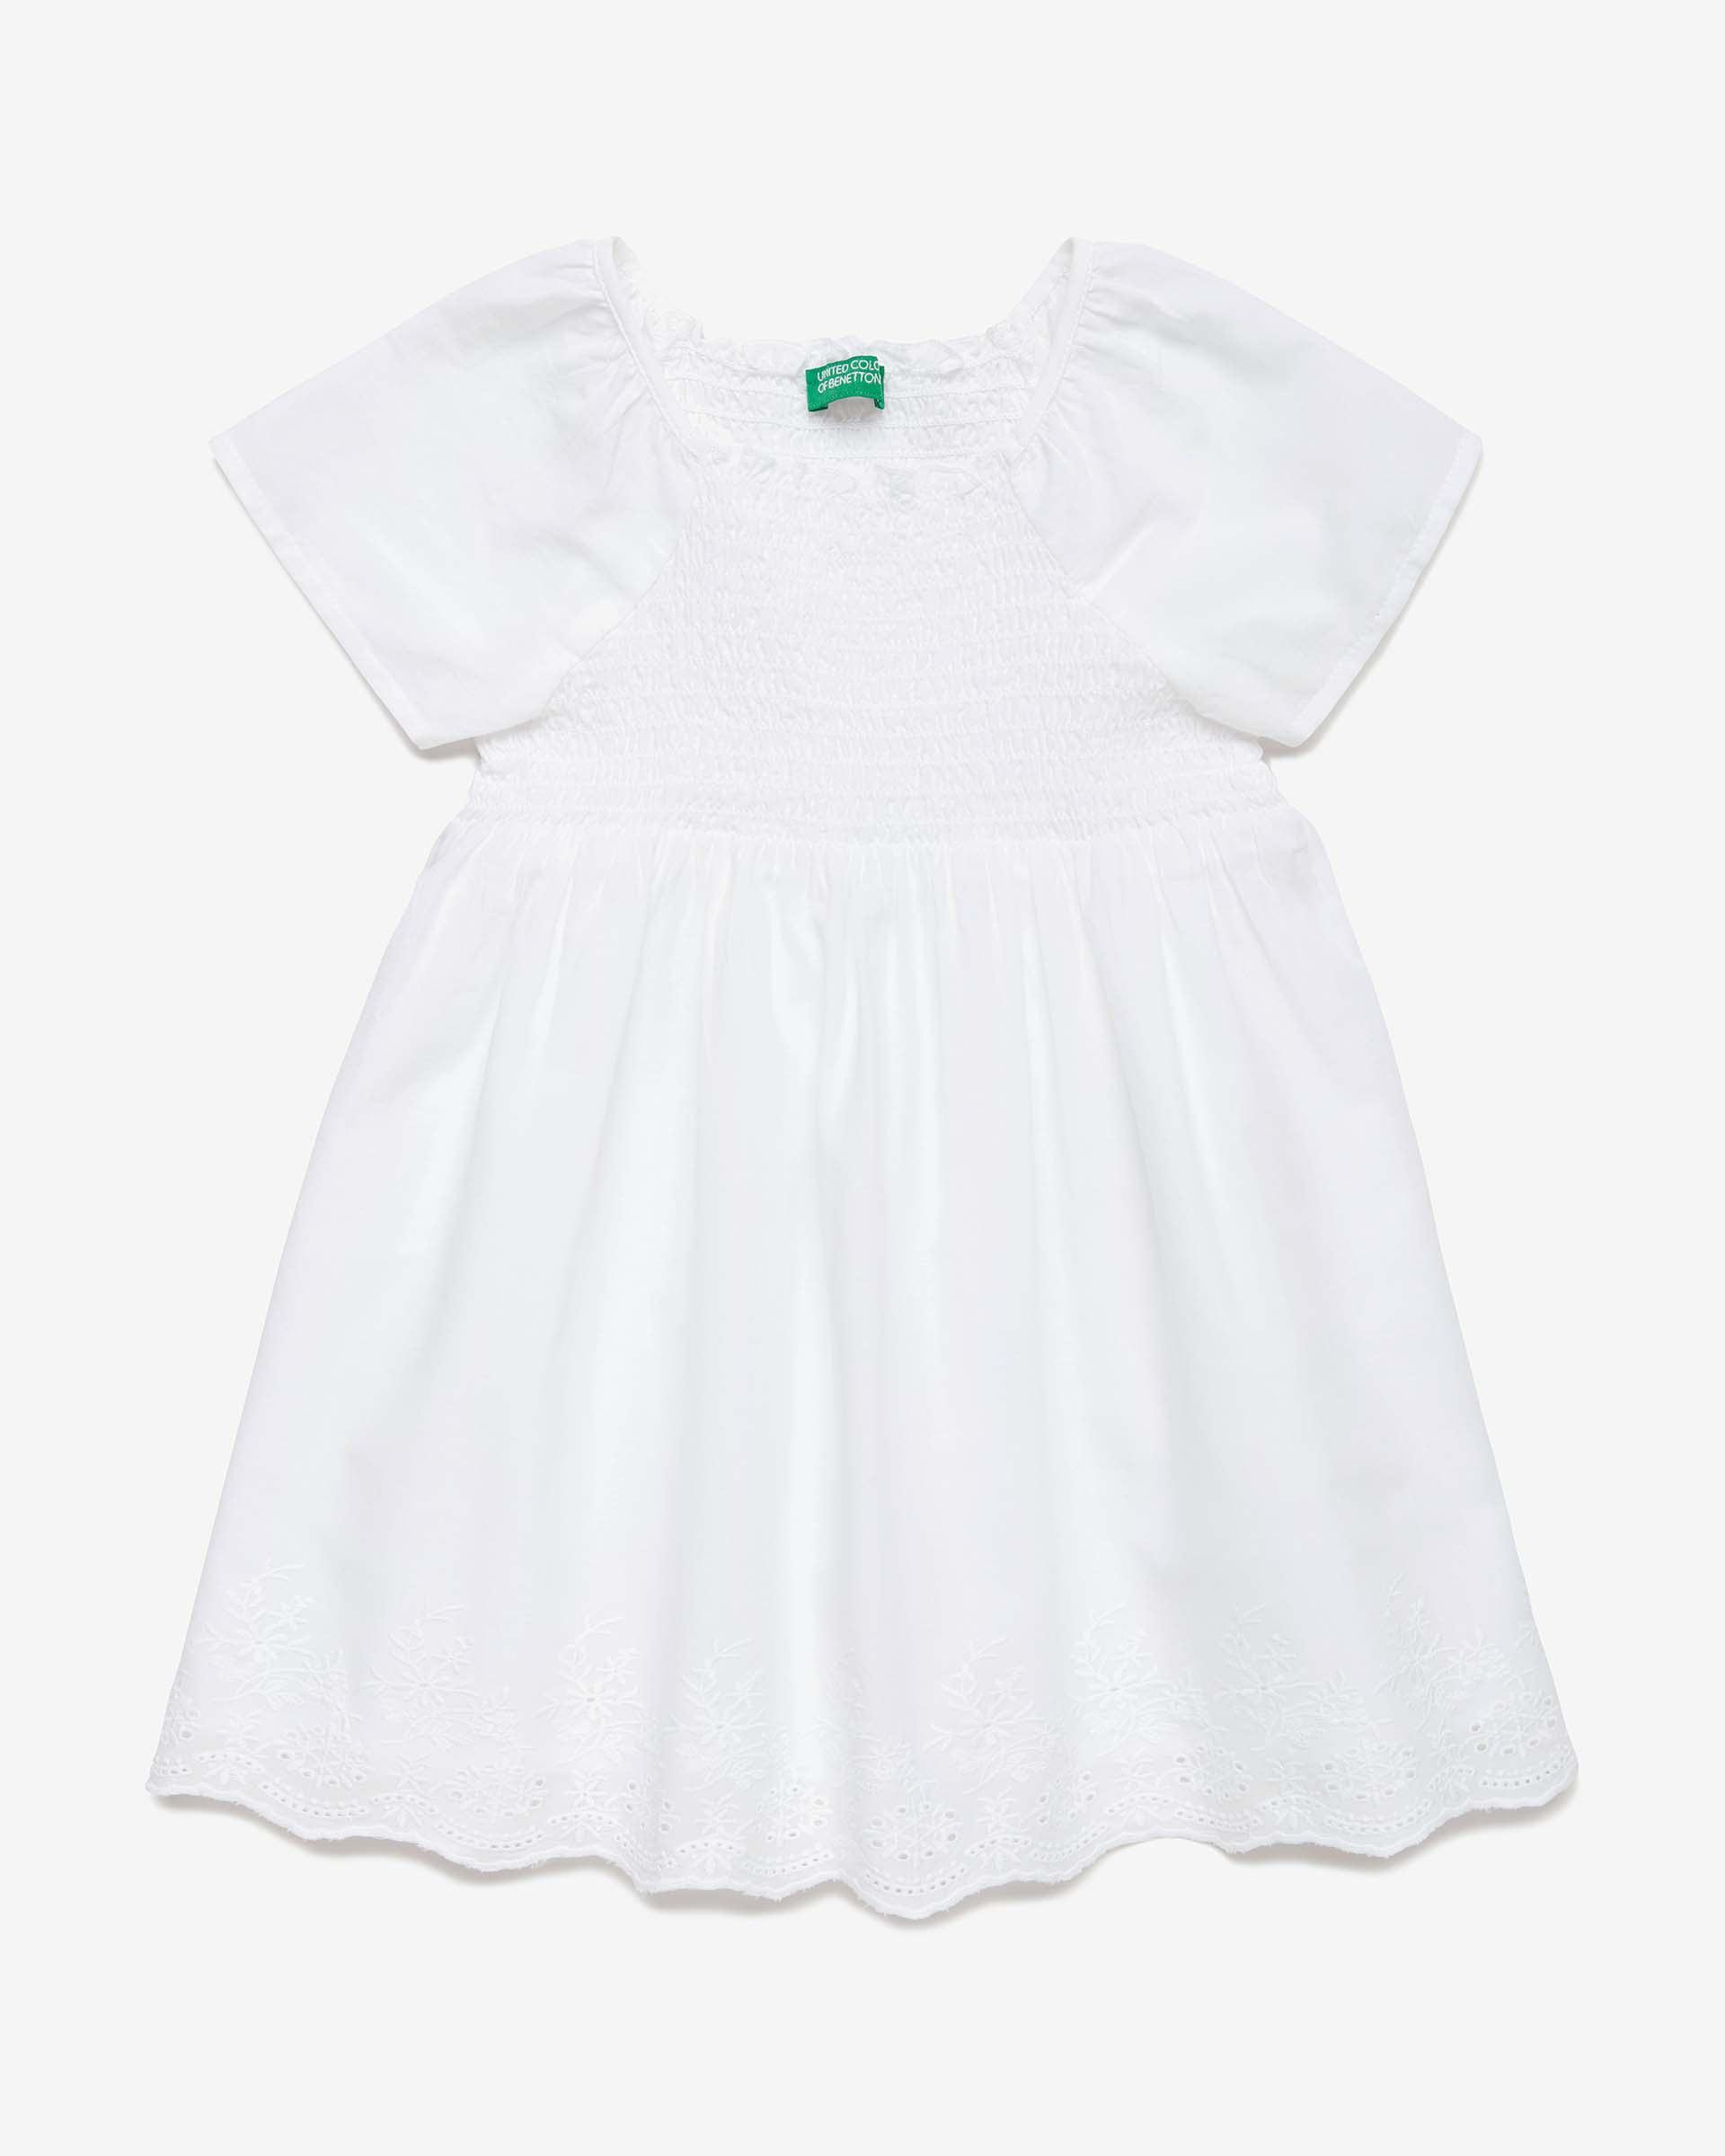 Купить 20P_4JO15V2MP_101, Платье для девочек Benetton 4JO15V2MP_101 р-р 110, United Colors of Benetton, Платья для девочек